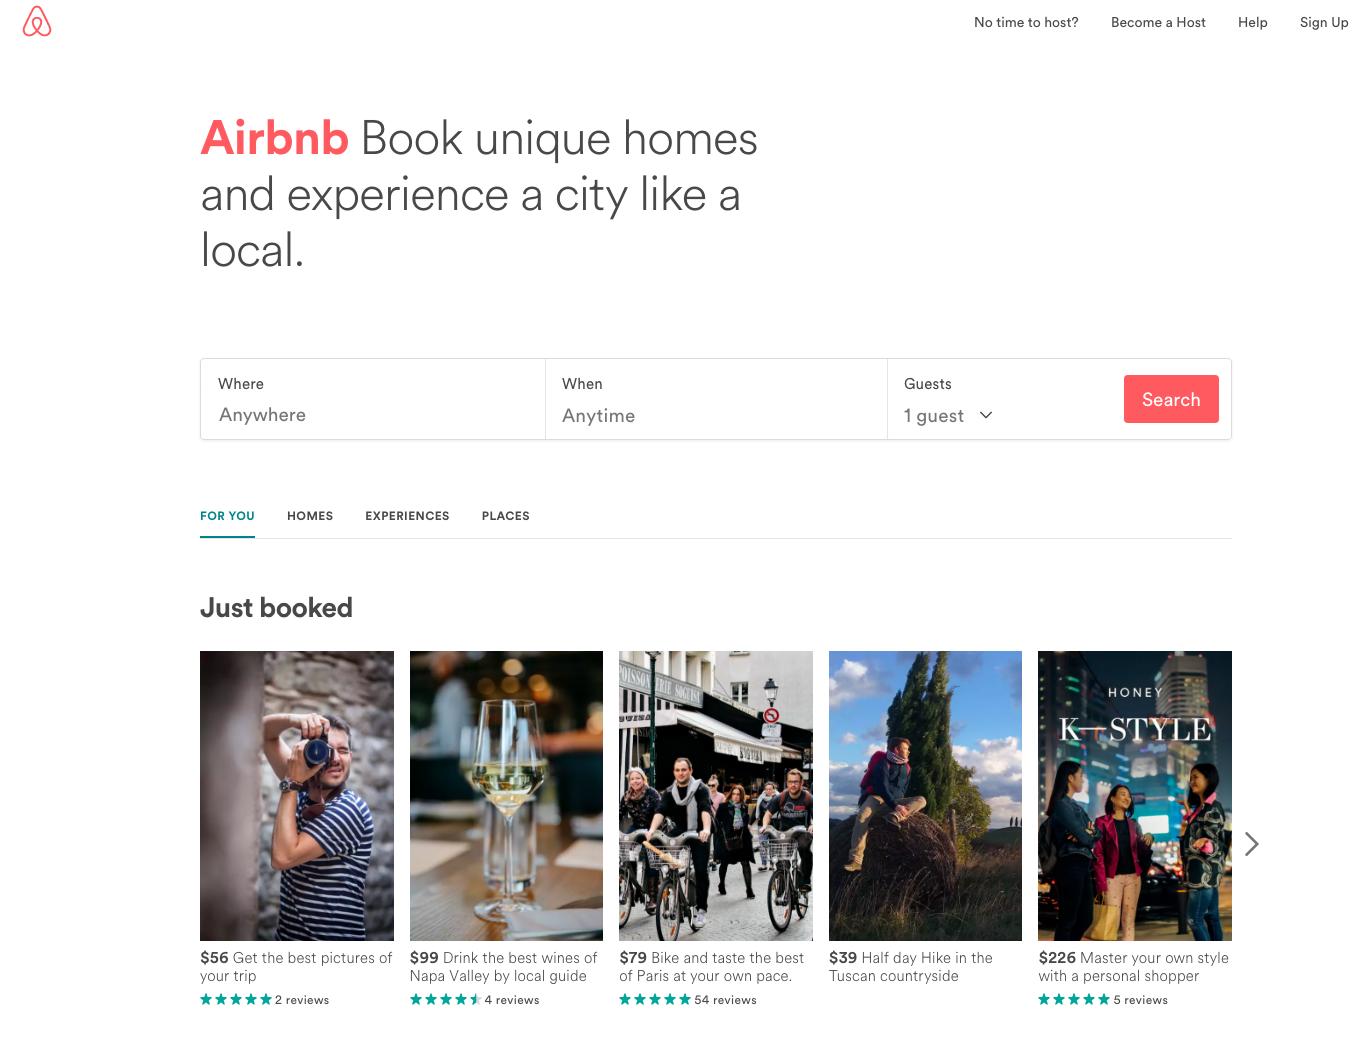 airbnb-homepage-update.png